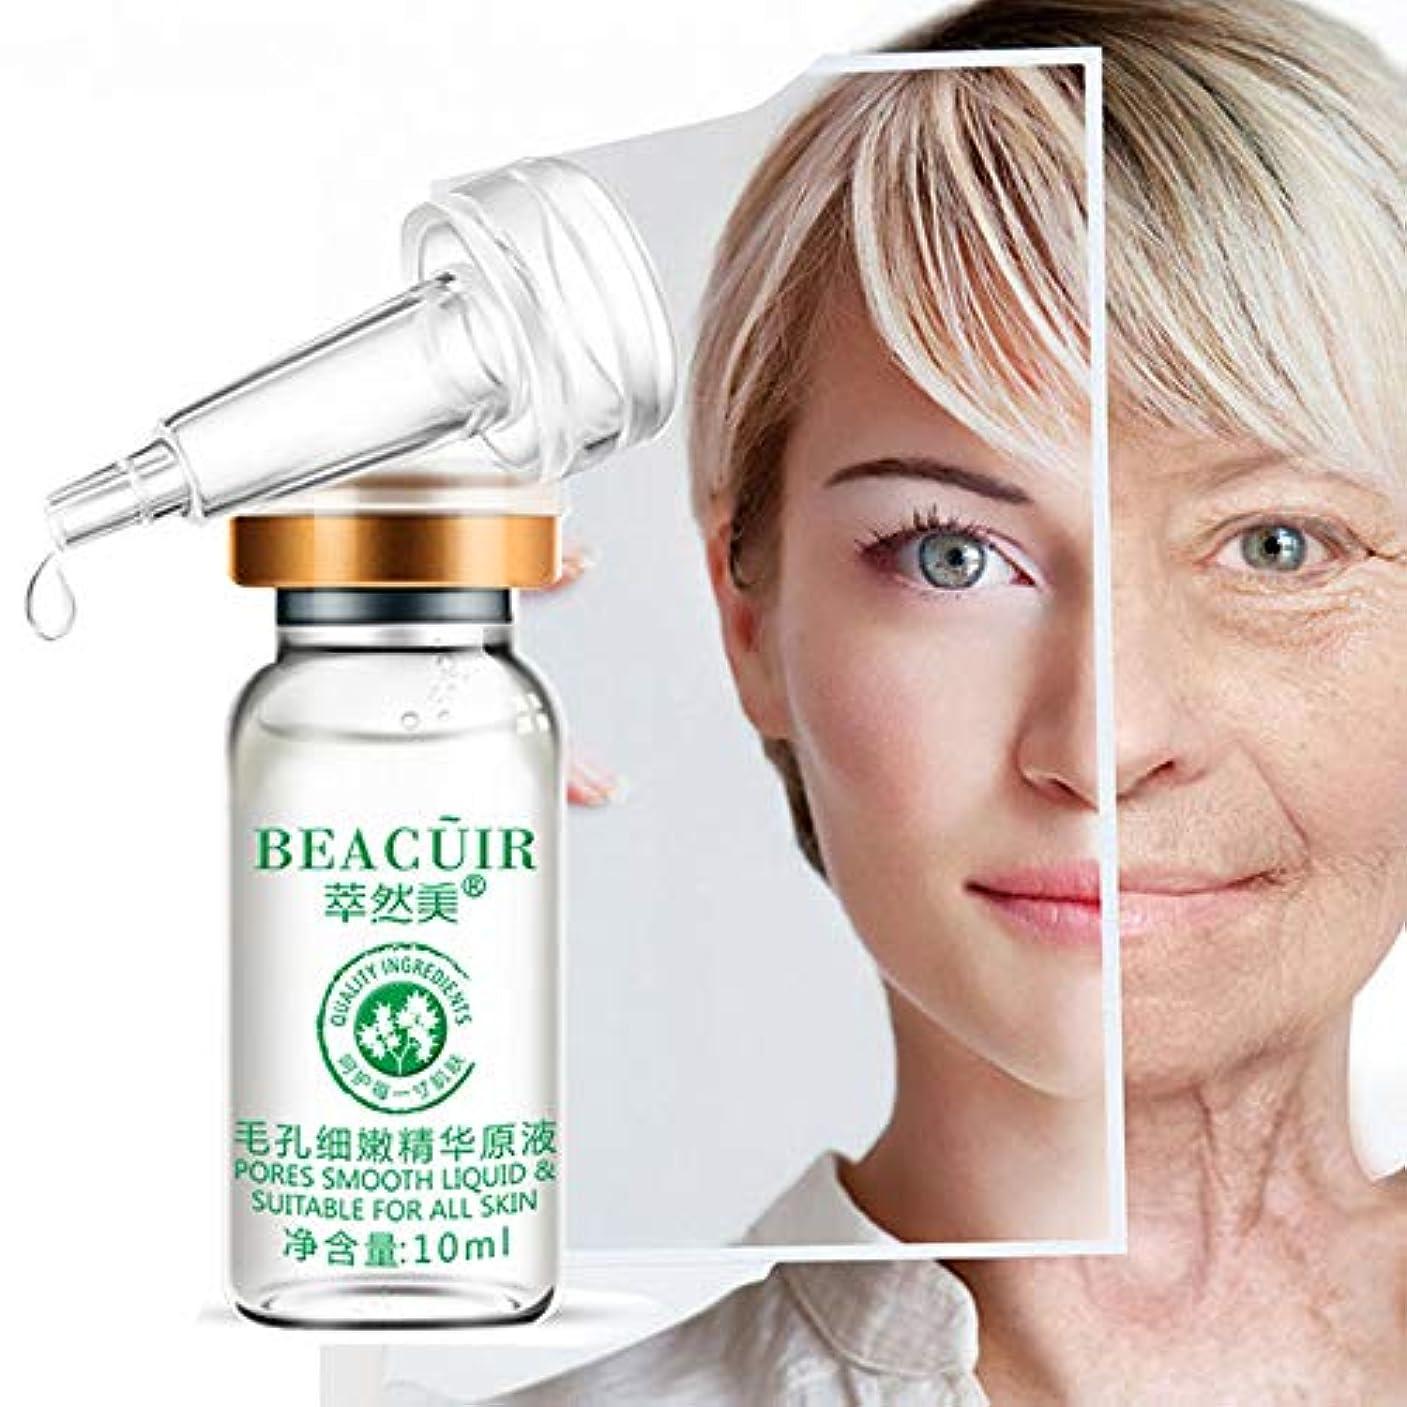 先史時代の病端Akane BEACUIR 天然 水分 肌の明るさ 修復 美白 繊細 しわ取り 毛穴縮小 保湿 黒ずみ 角質除去 肌荒れ防止 くすんだ肌を改善し エッセンス 10ml